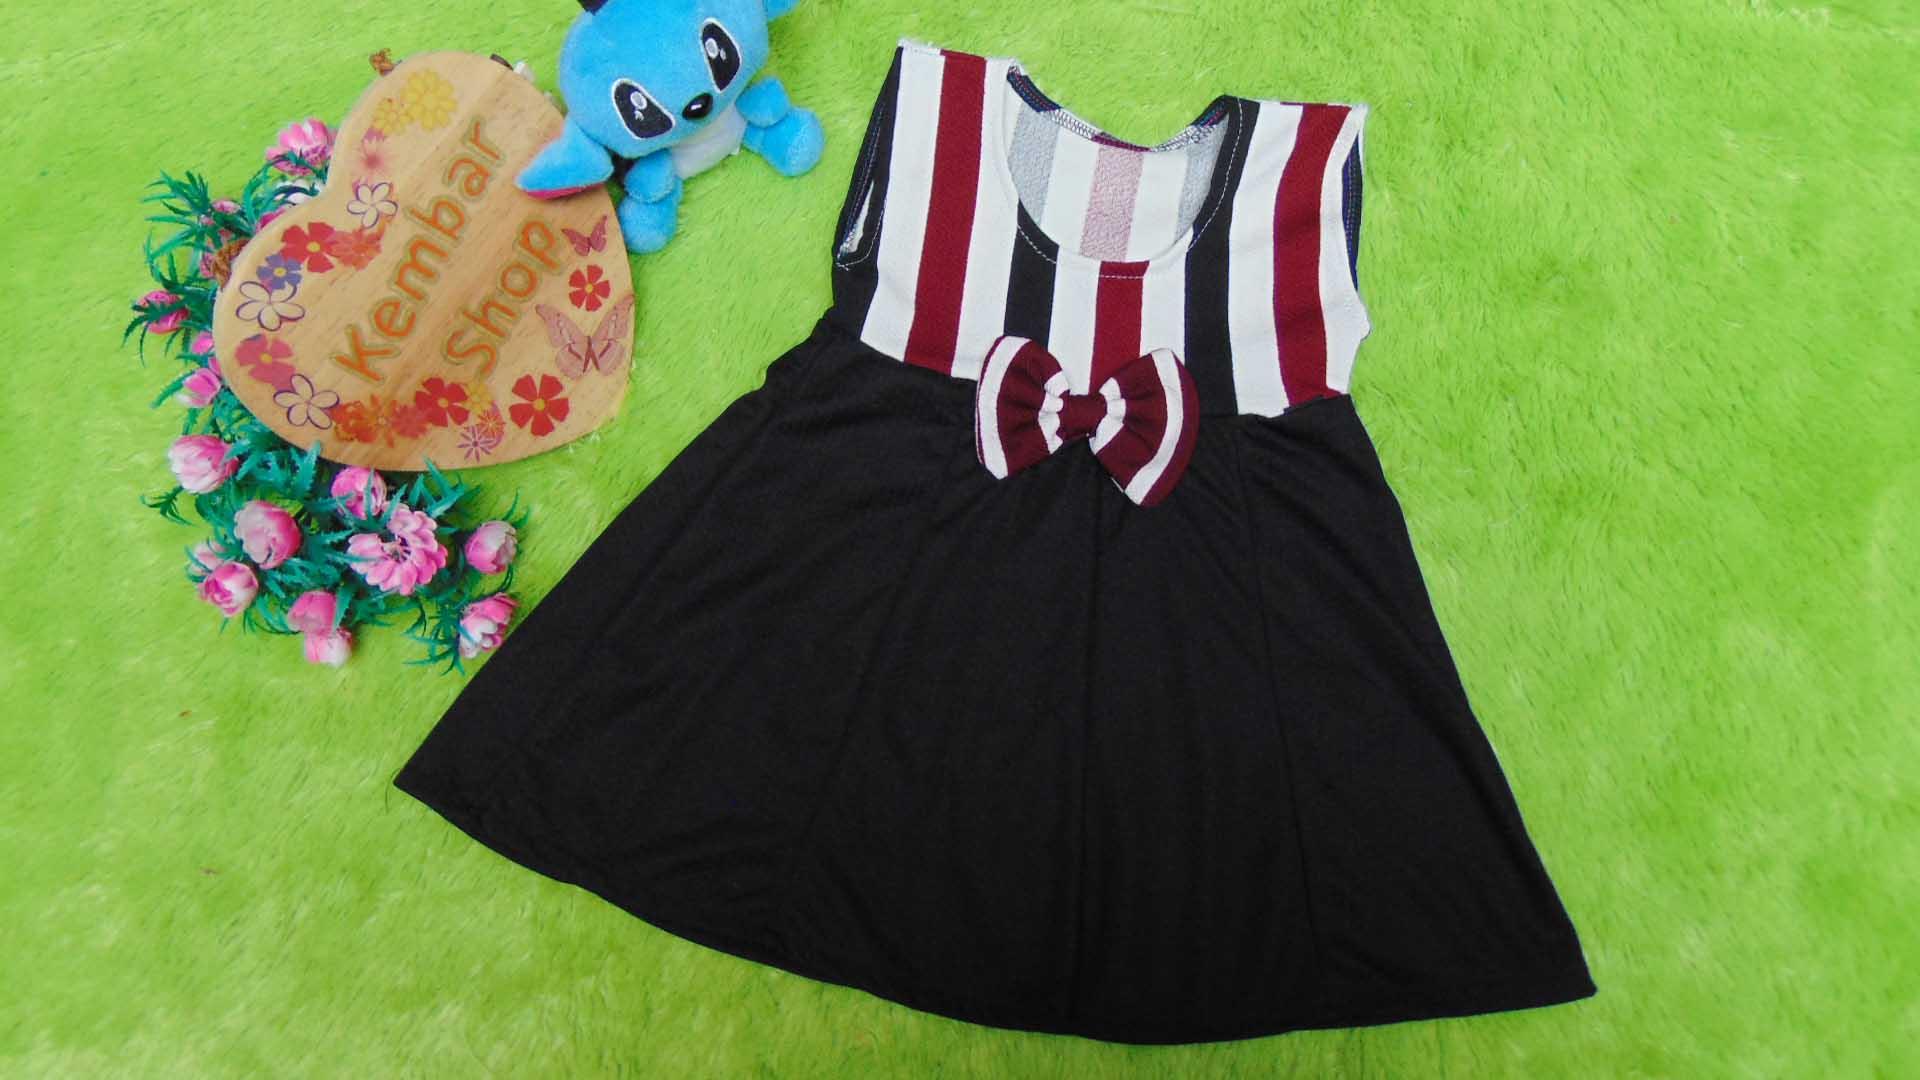 dress baju pesta anak bayi perempuan cewek newborn 0-6bulan pita pastel salur black red2 25 bahan wafel lembut,nyaman untuk bayi, lebar dada 26cm, panjang 42cm, slkn dcocokkan dg uk baby